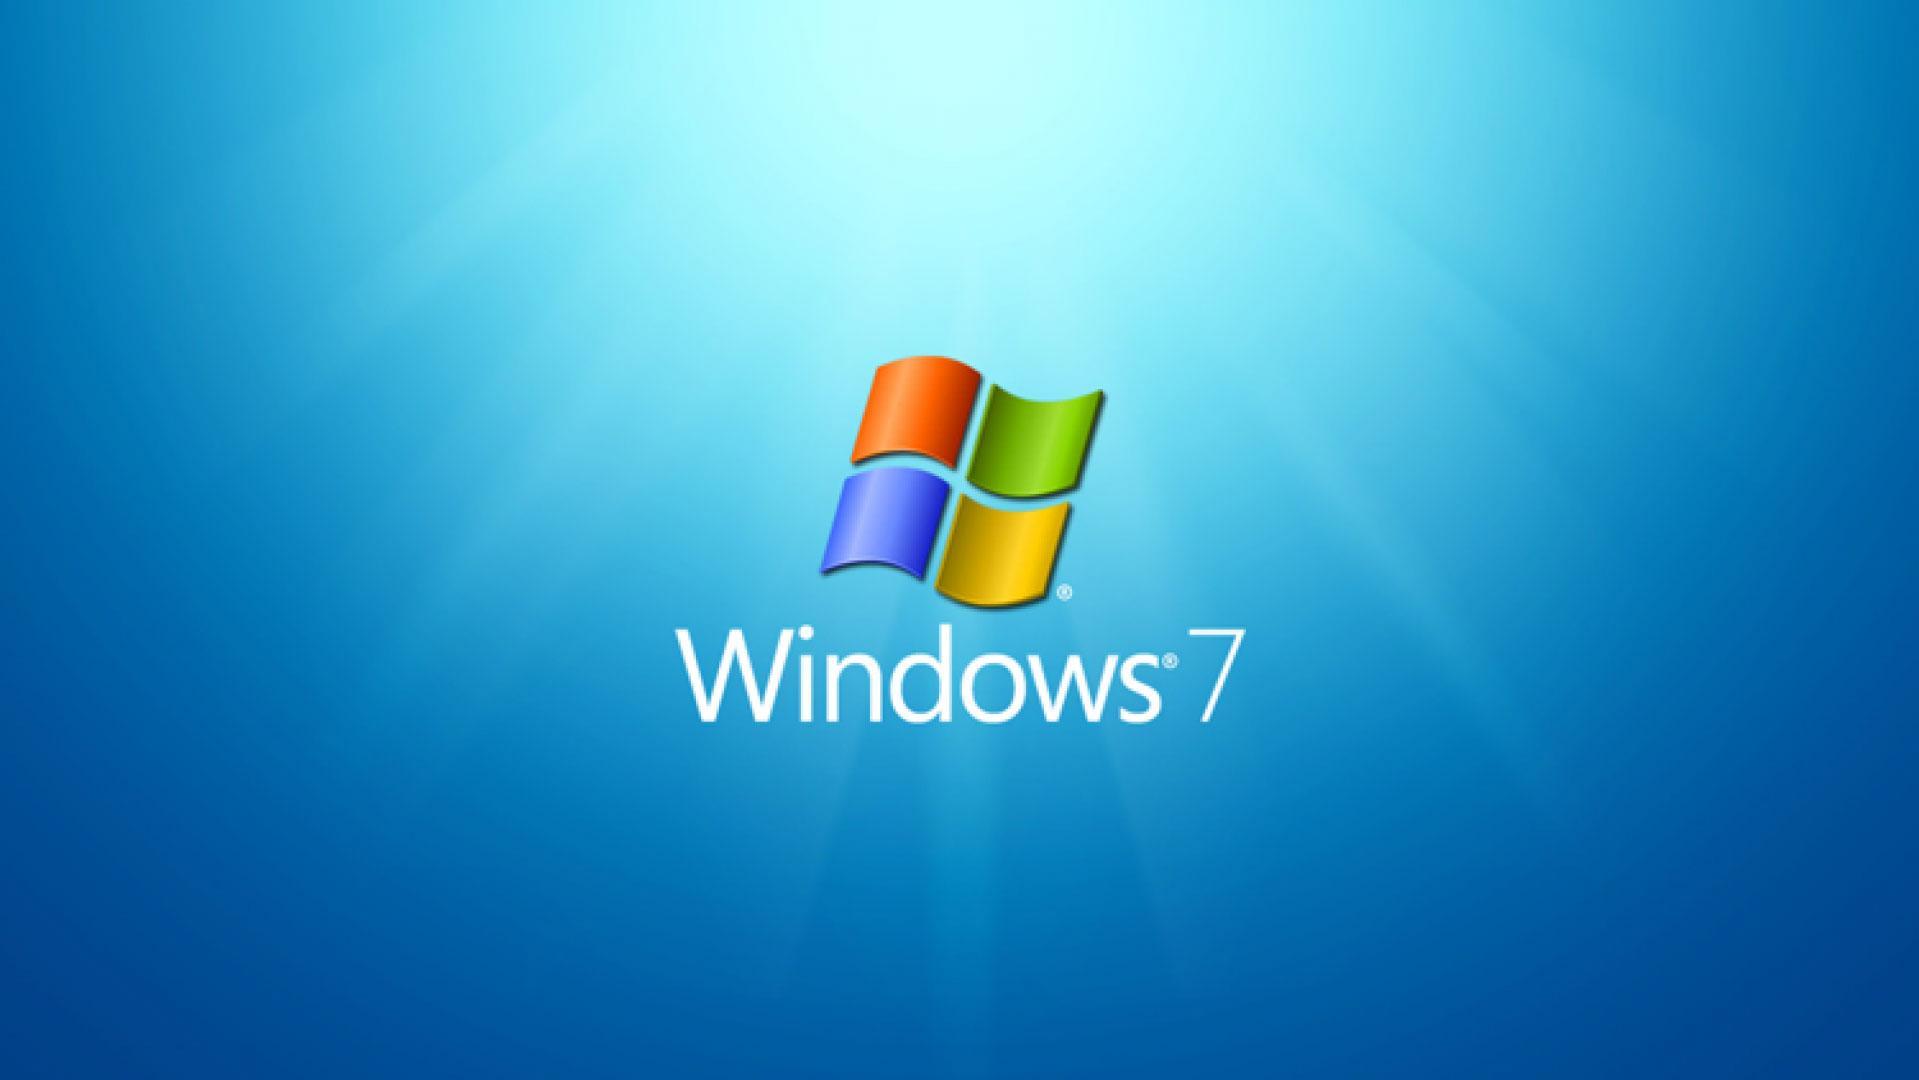 Ползването на Windows 7 ще излезе солено на немското правителство